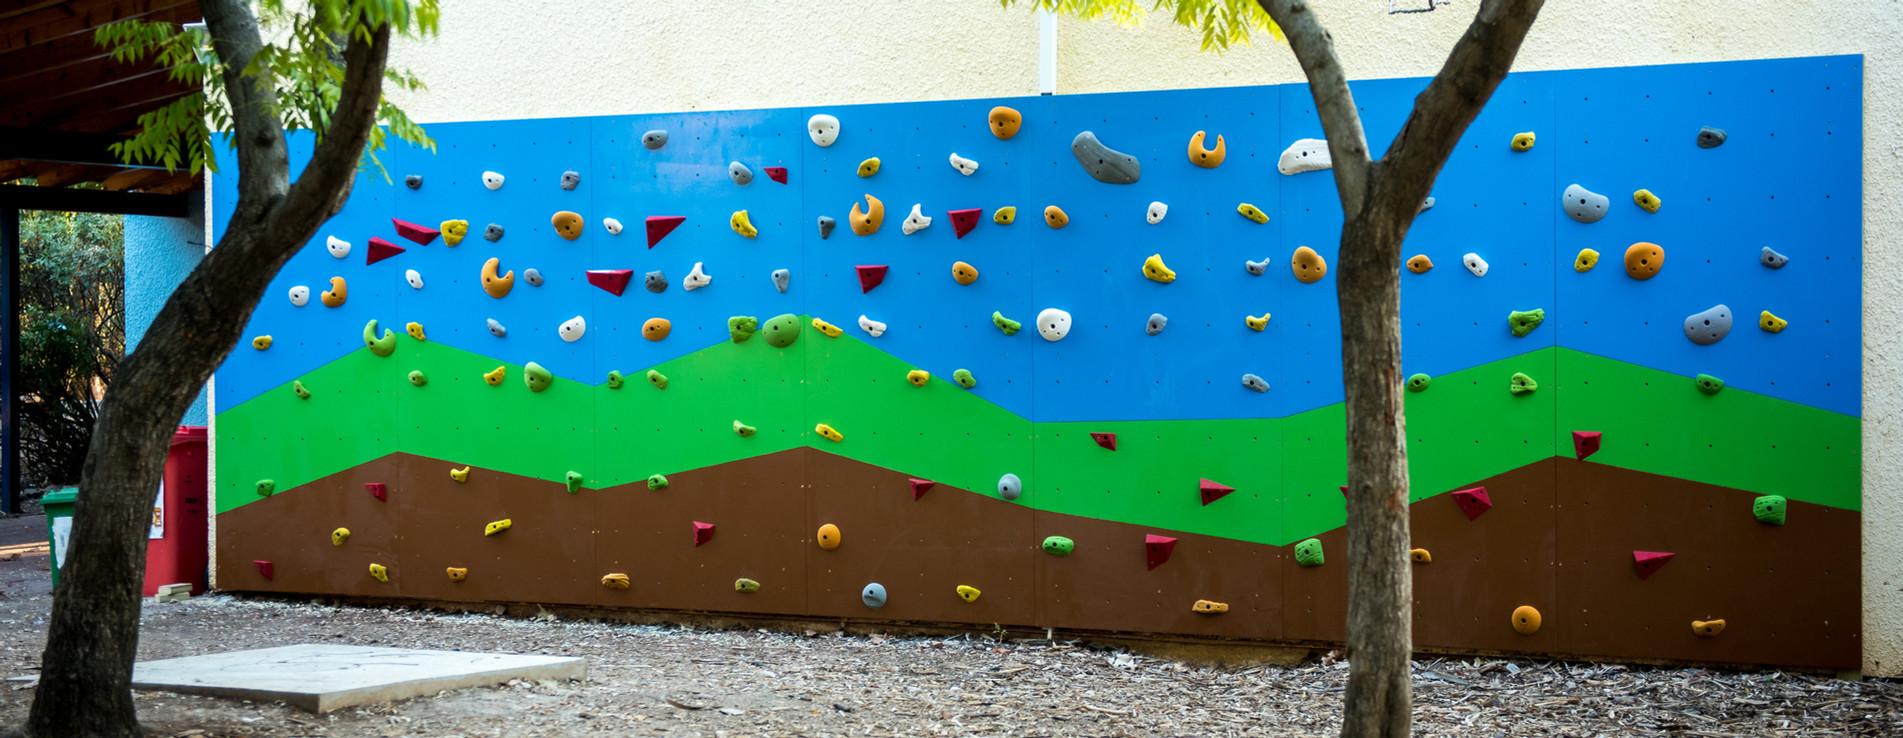 קיר טיפוס בבית ספר מבוא הגליל